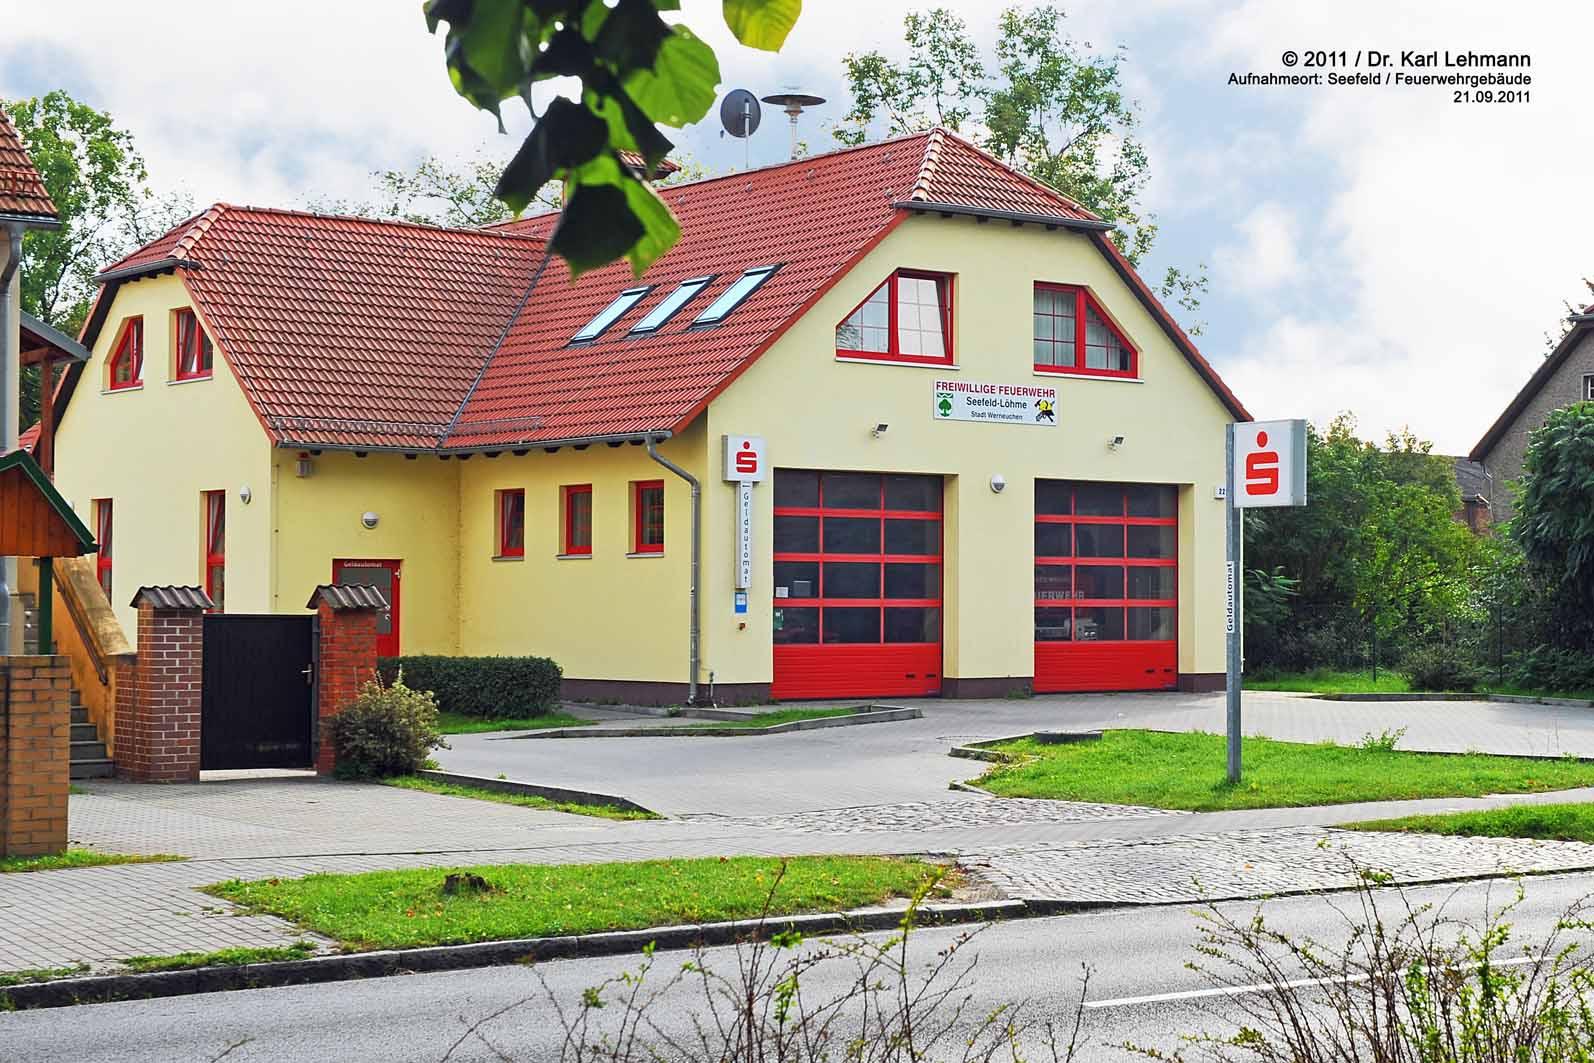 Feuerwehrgeräte- und Dorfgemeinschafthaus Seefeld